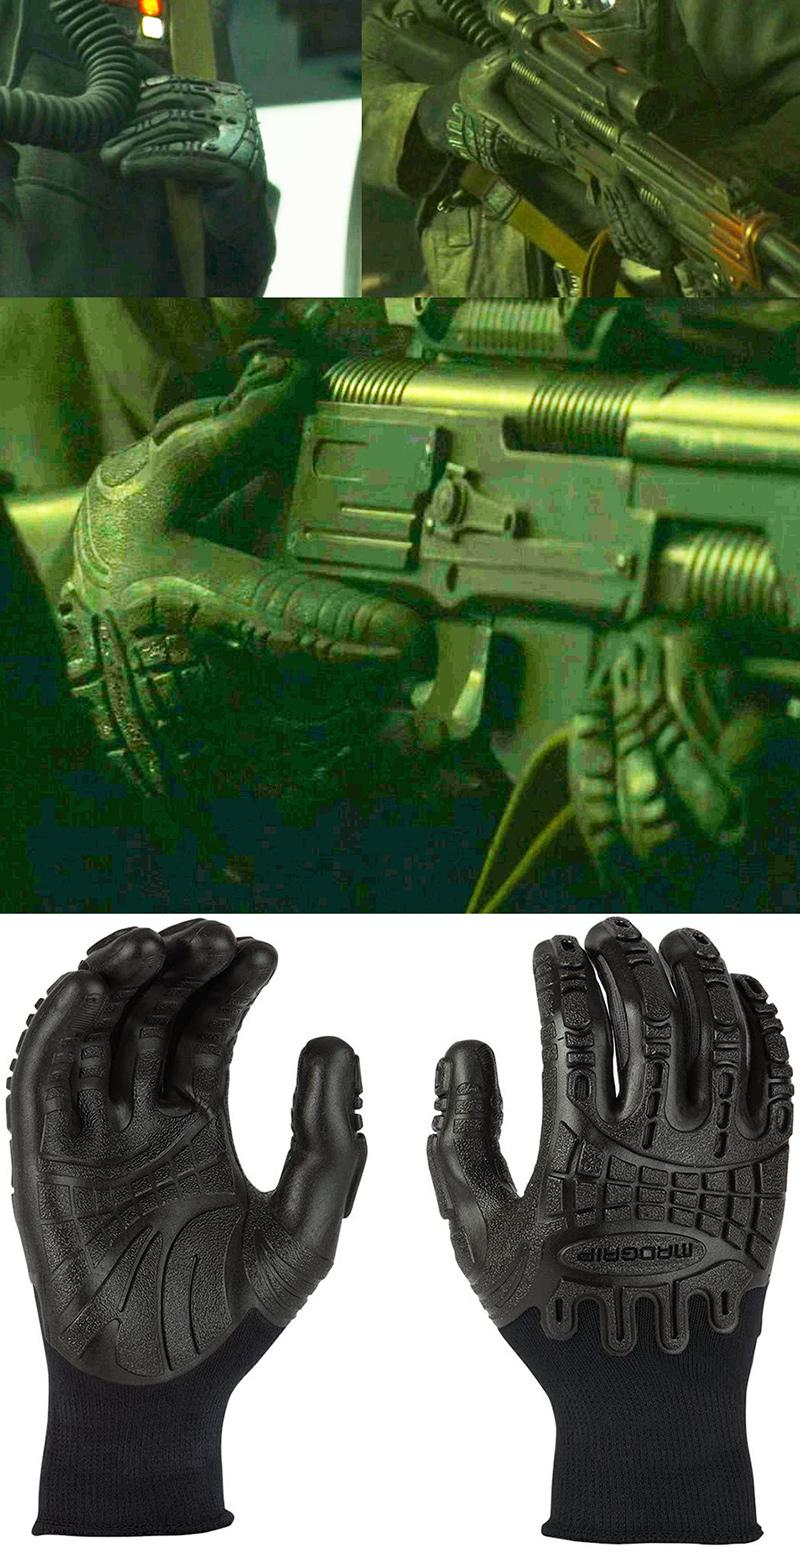 equipment_gloves.jpg